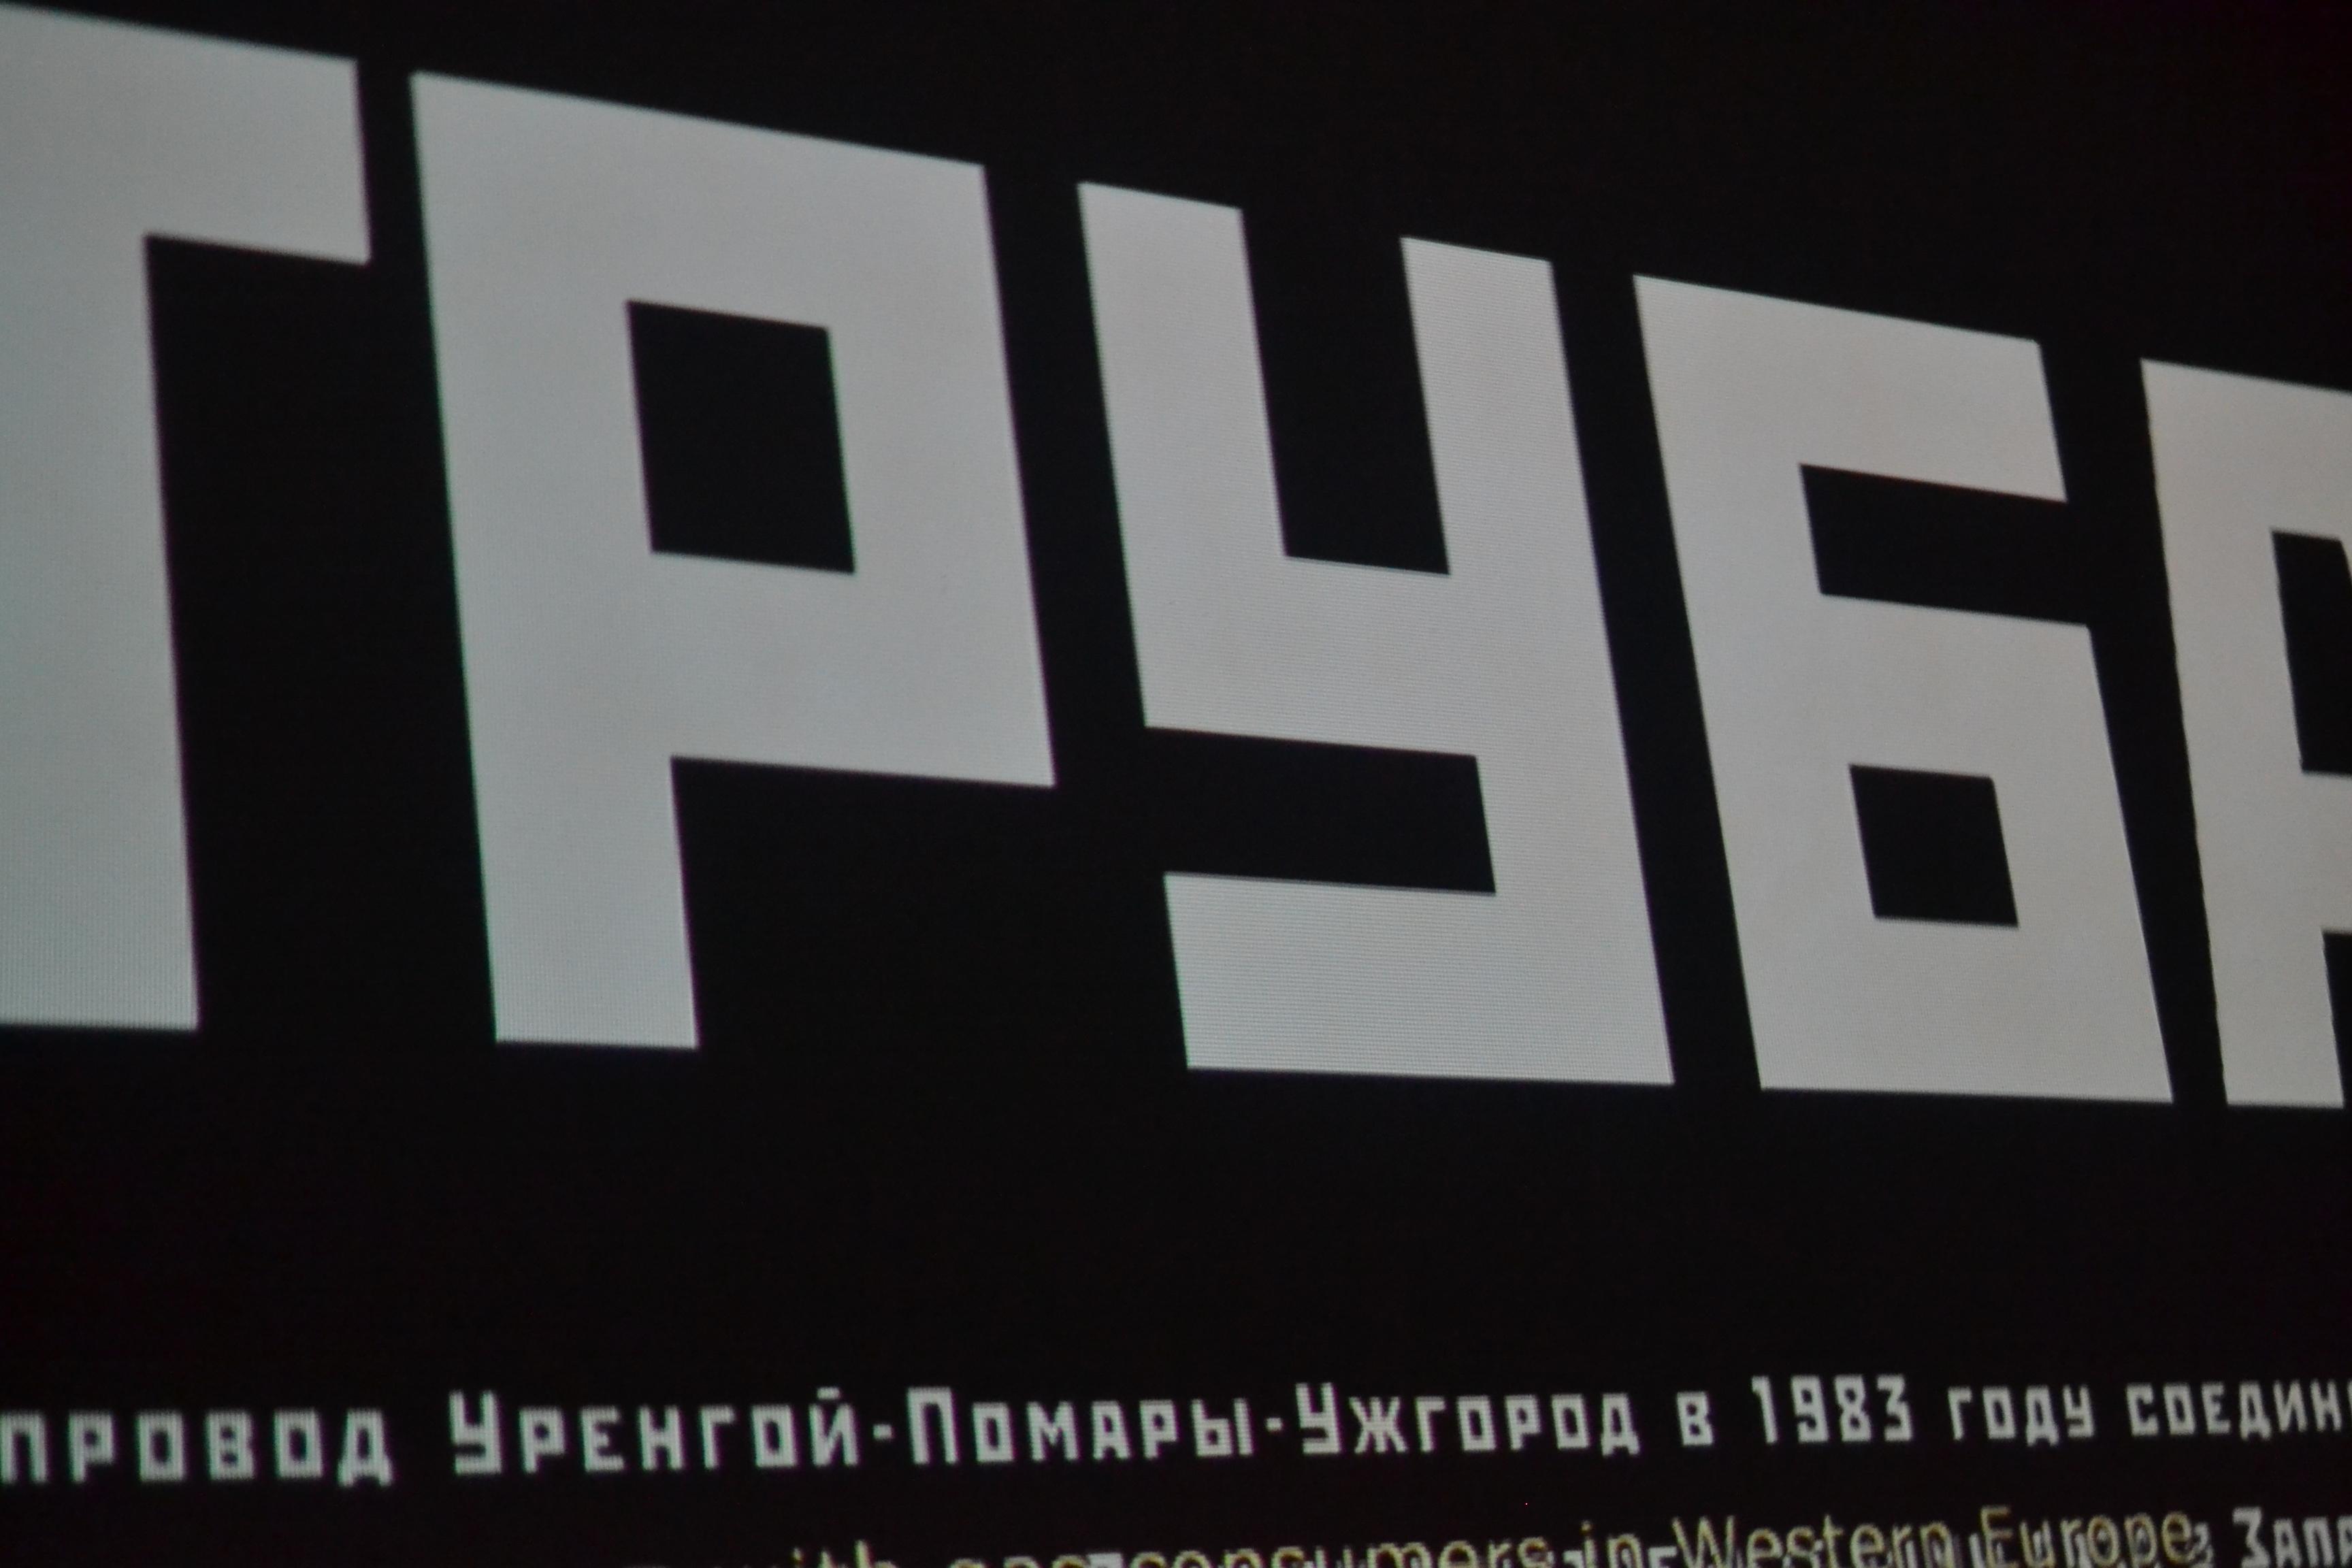 Кінострічка про російський газ стала родзинкою фестивалю